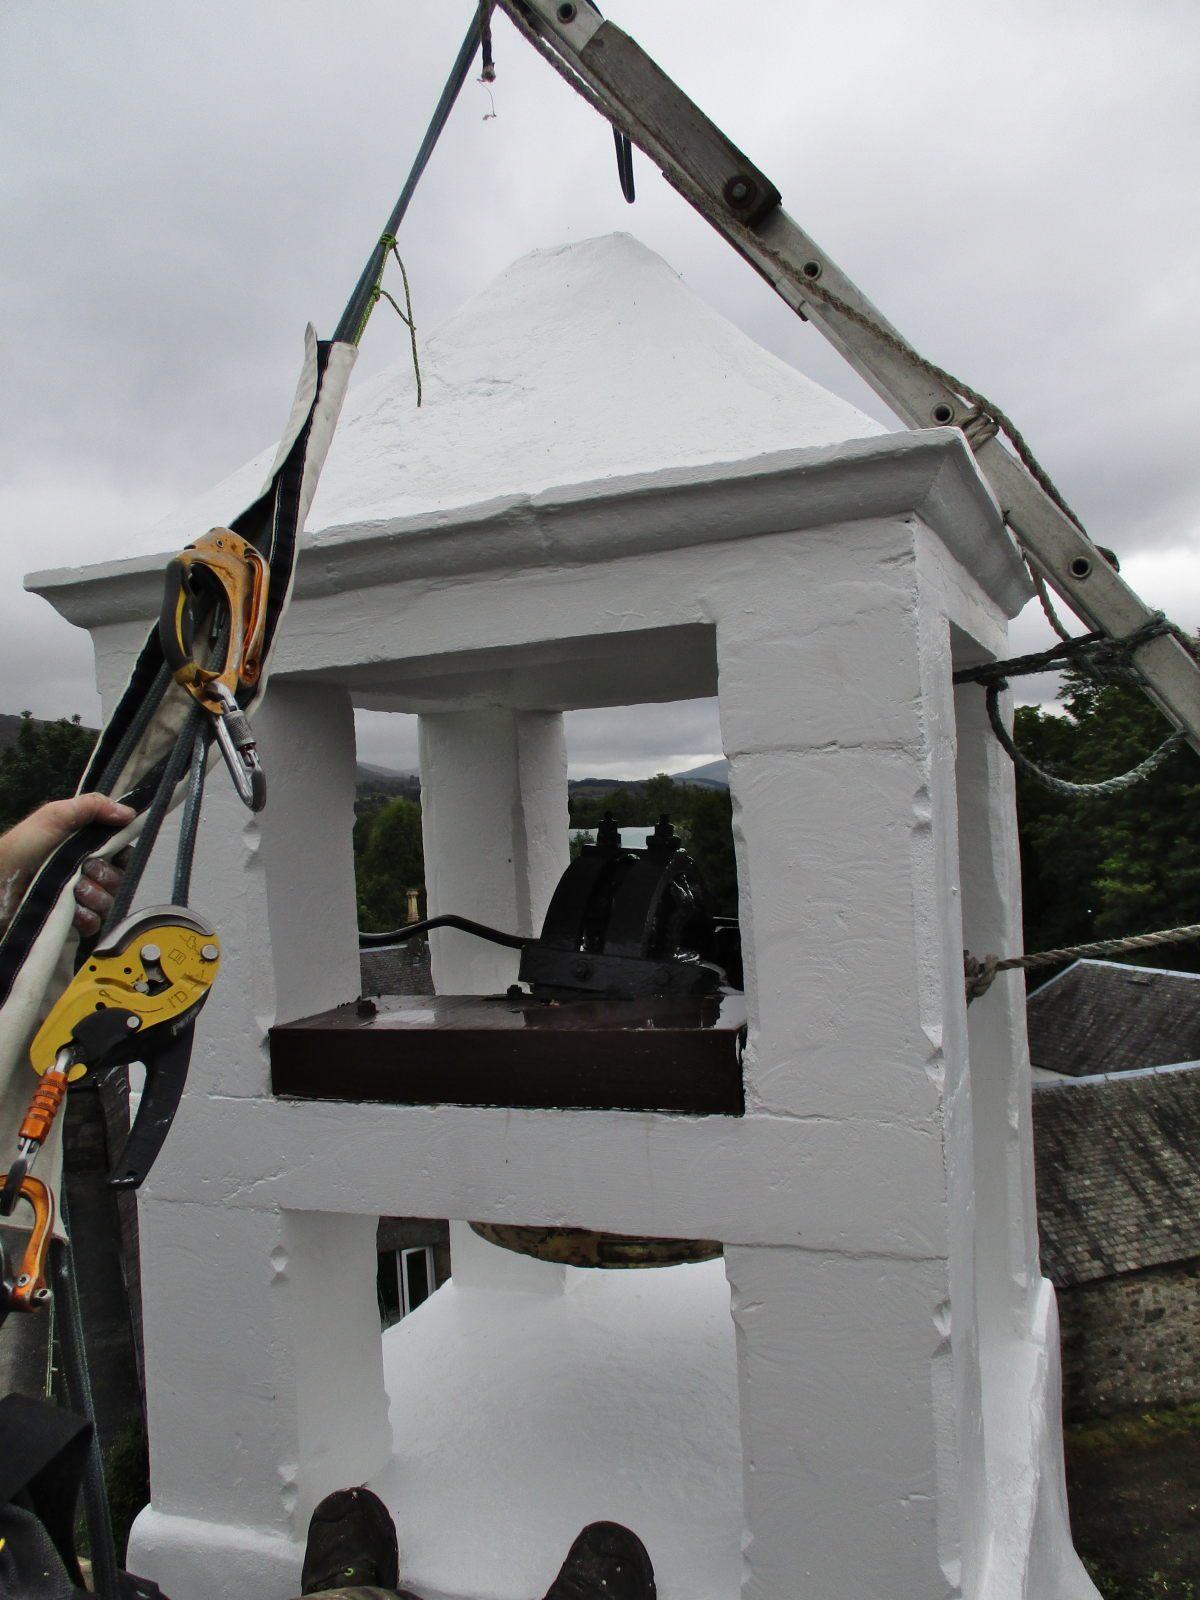 belfry refurbishment